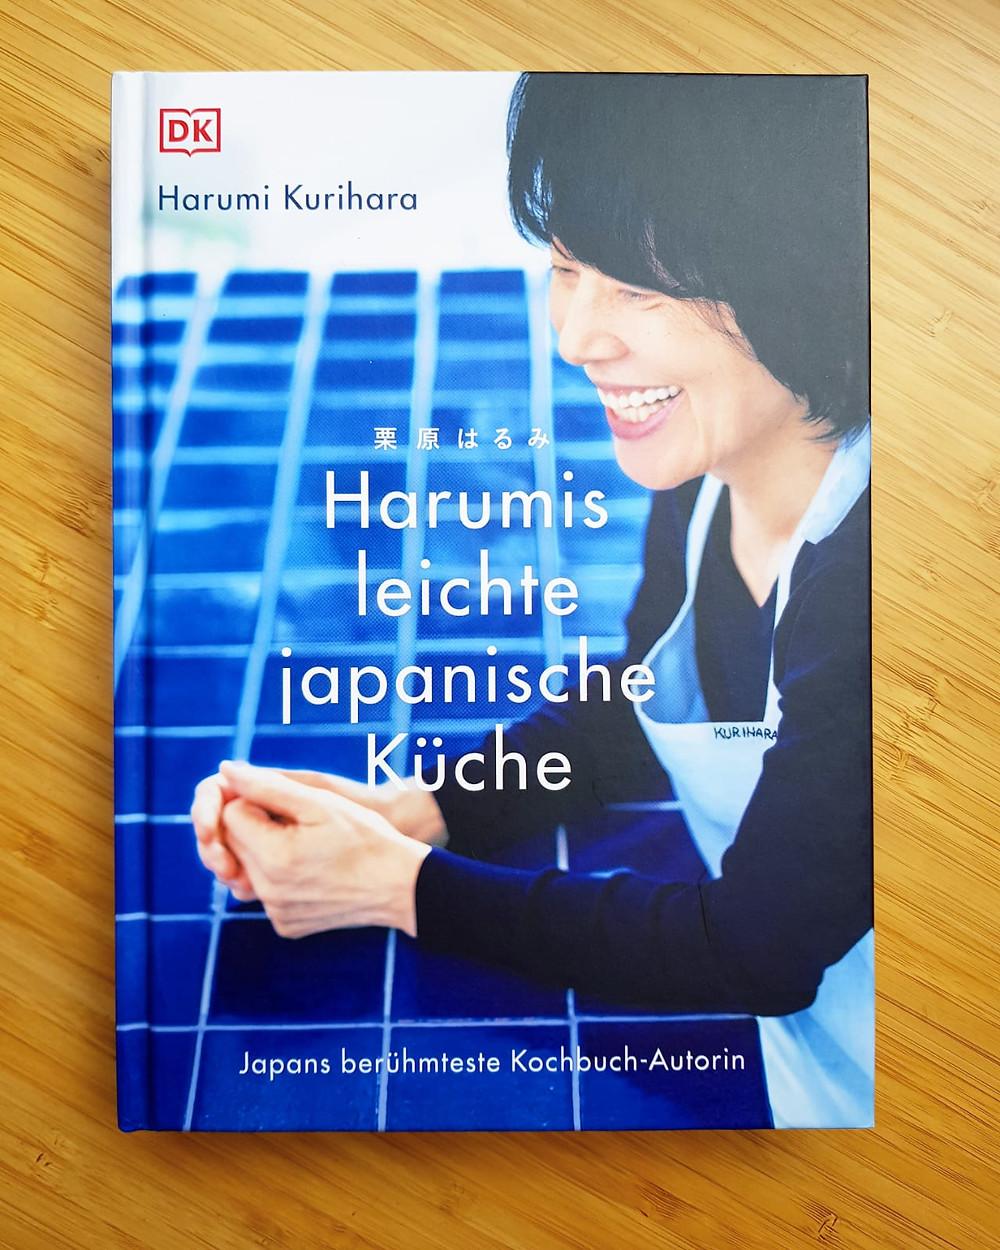 """Harumi Kurihhara, """"Harumis leichte japanische Küche"""""""